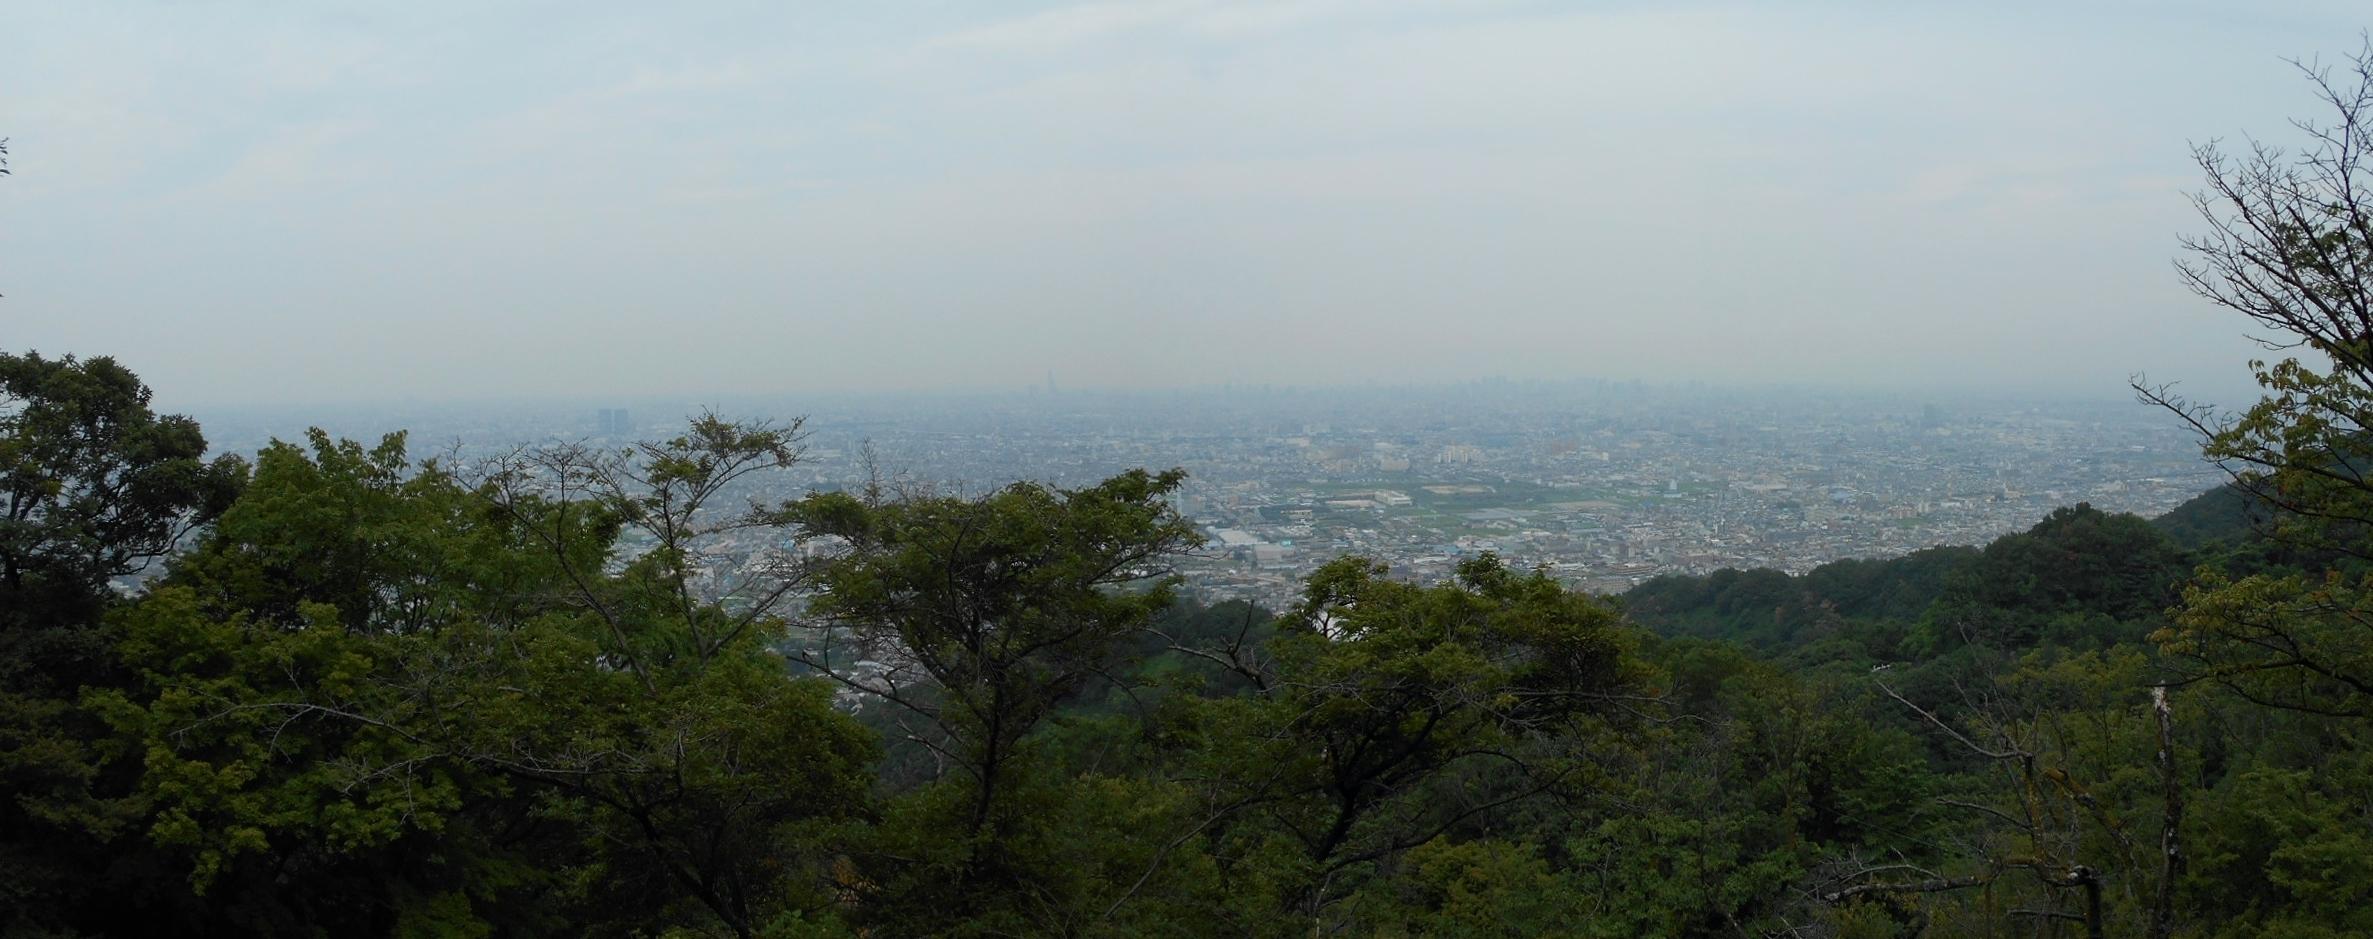 水呑地蔵から大阪のパノラマ